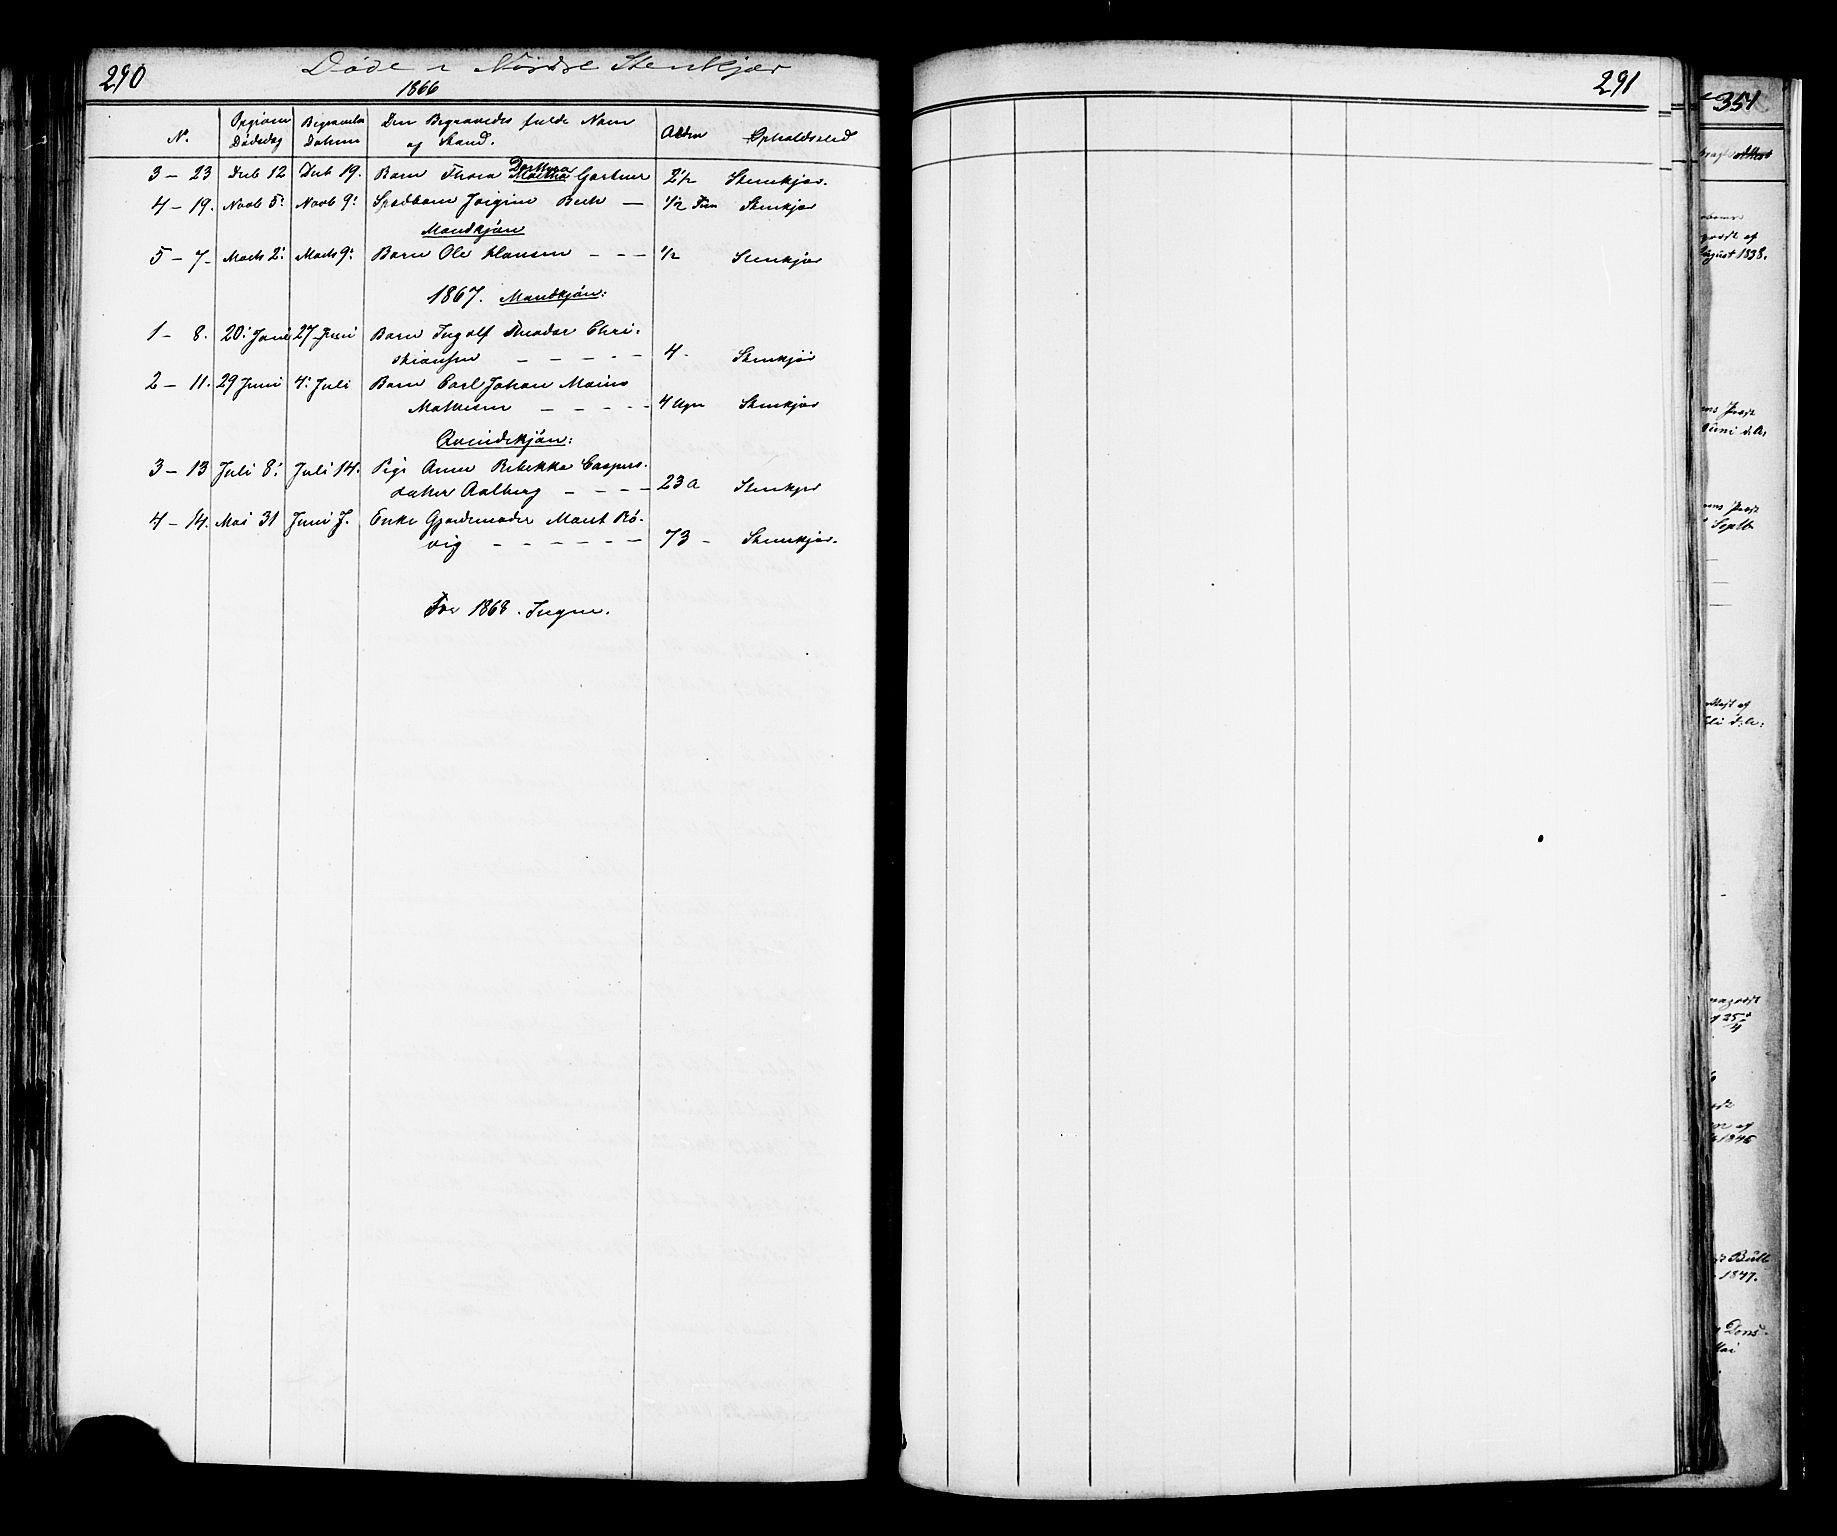 SAT, Ministerialprotokoller, klokkerbøker og fødselsregistre - Nord-Trøndelag, 739/L0367: Ministerialbok nr. 739A01 /2, 1838-1868, s. 290-291